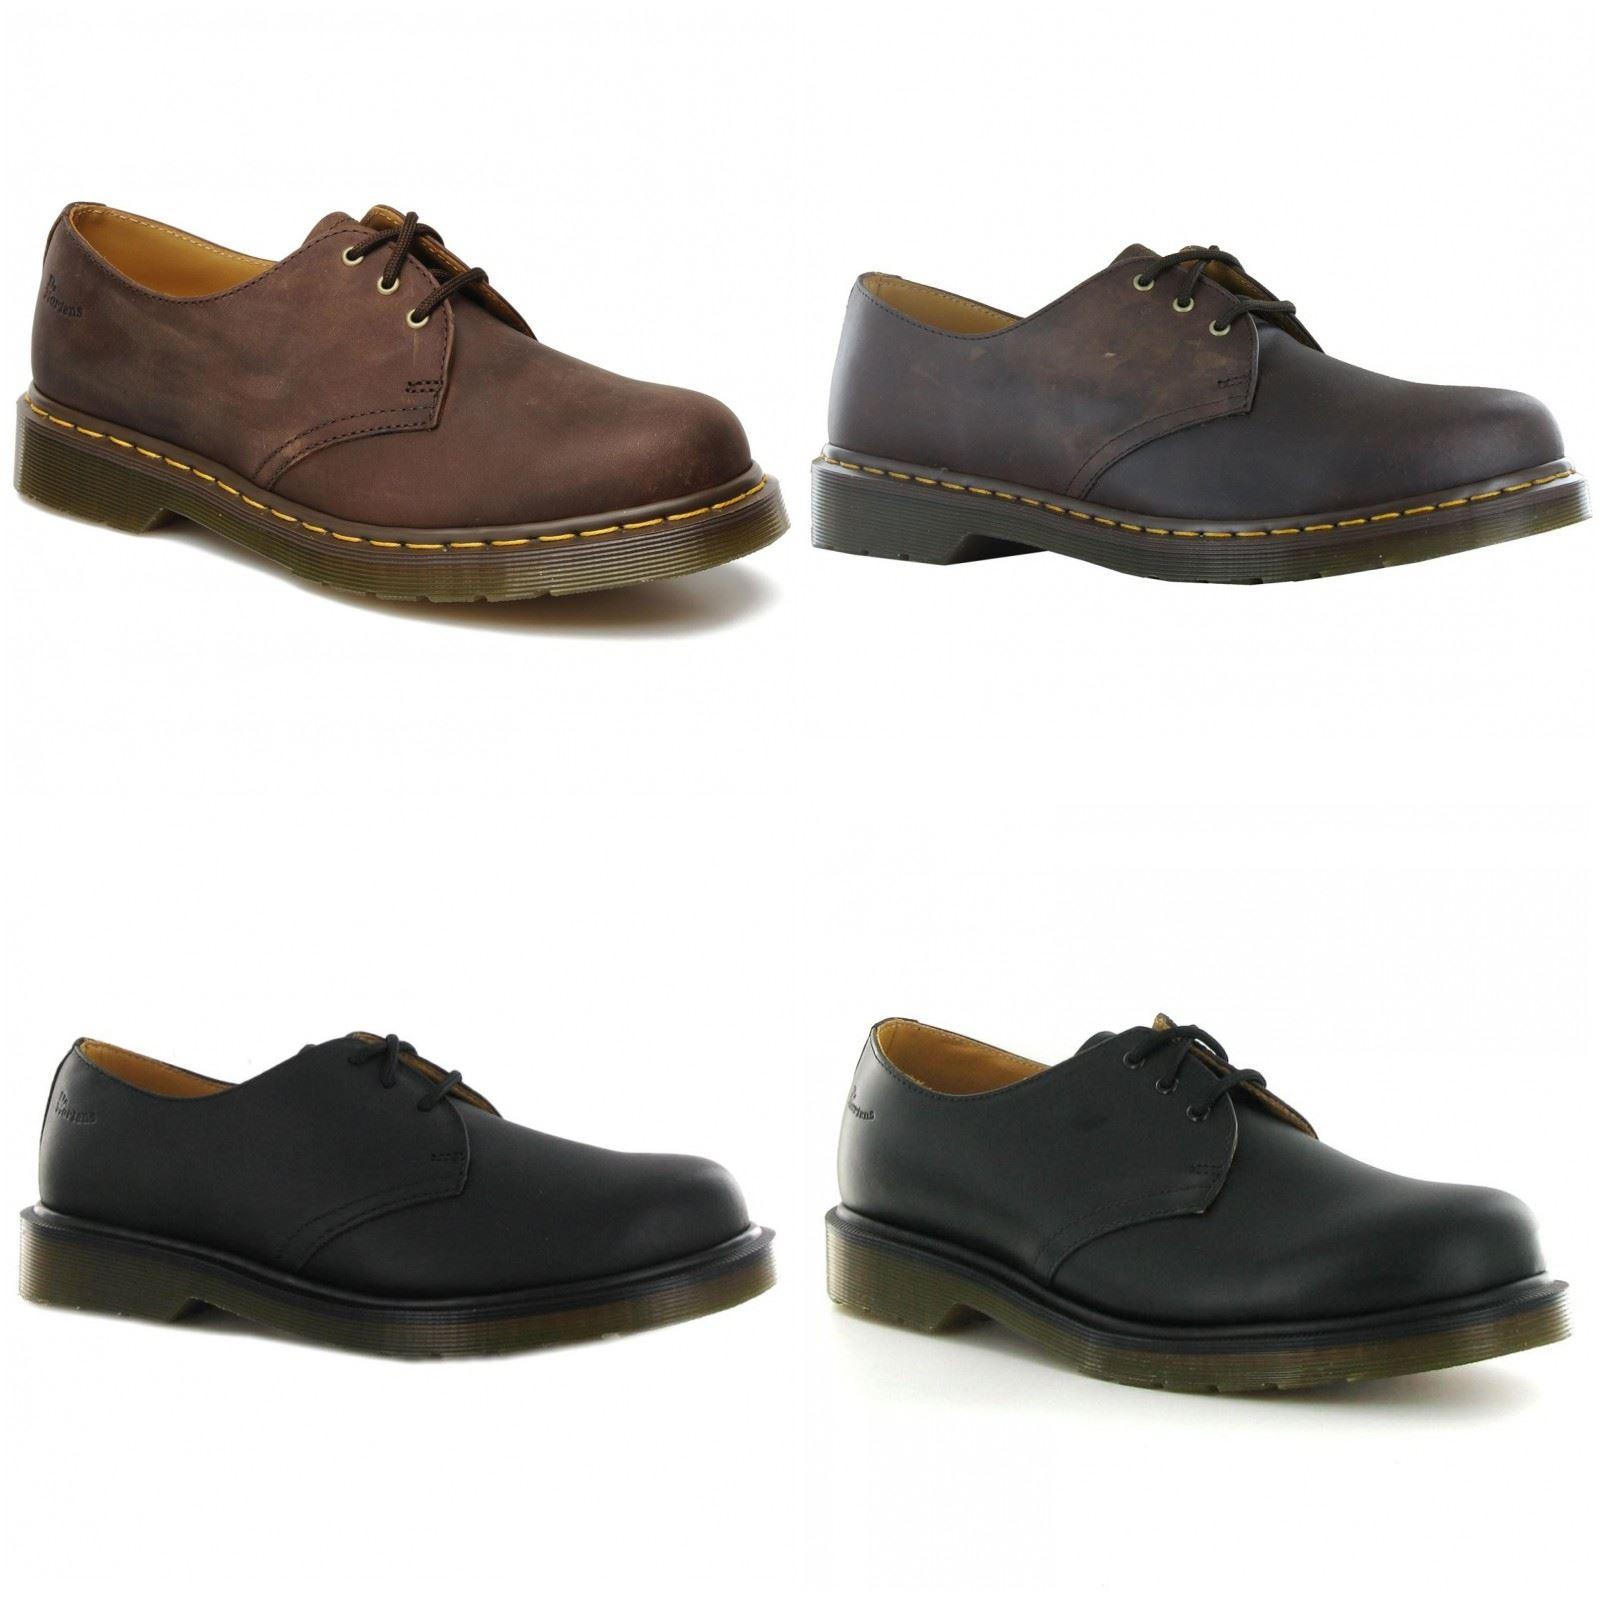 Details about Dr.Martens 1461 Crazy Horse Leather Unisex Mens Womens Ladies  Shoes 36198a805